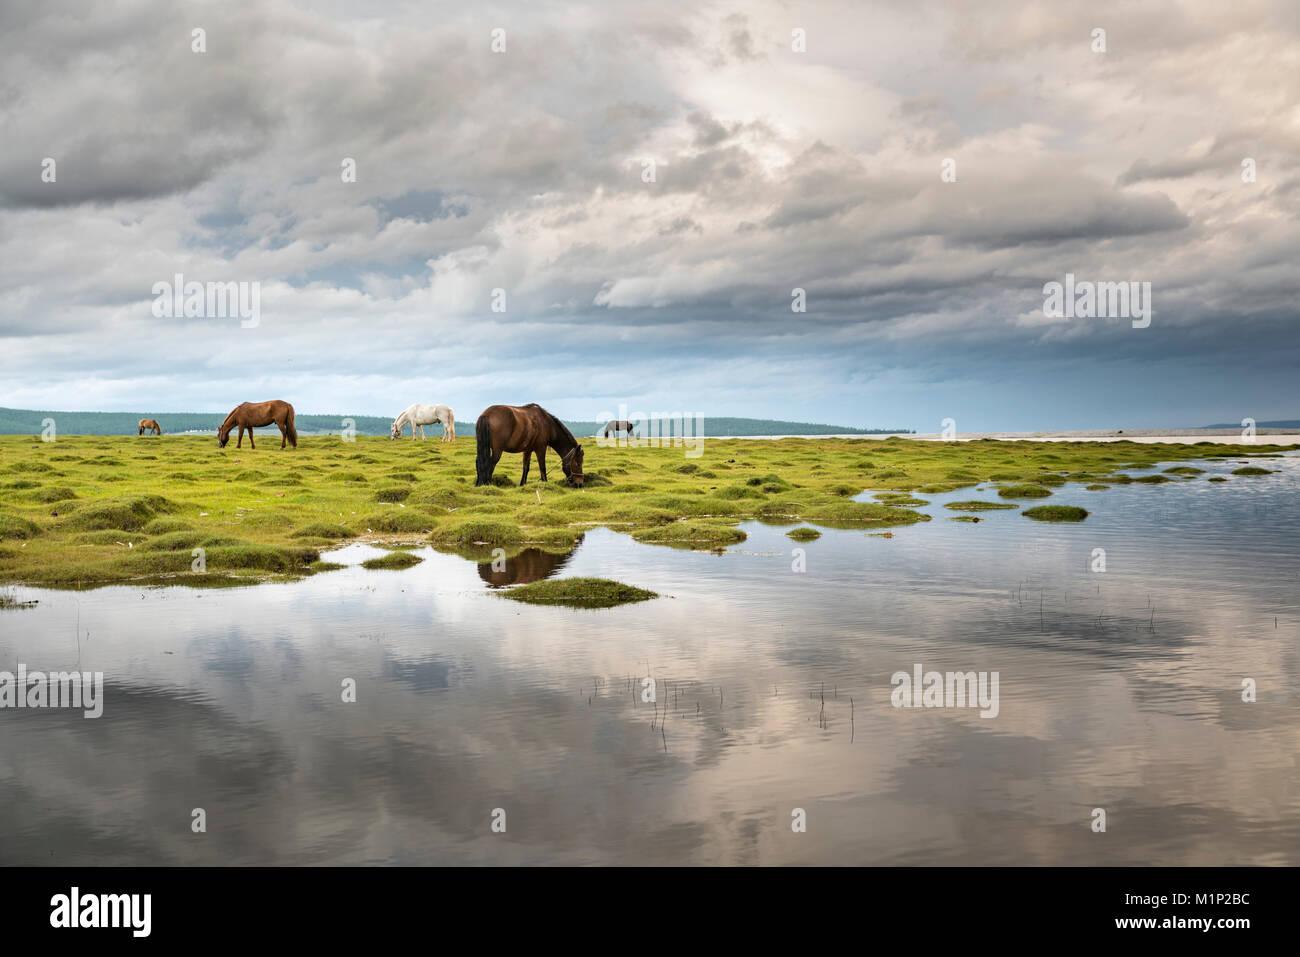 Pferde grasen am Ufer des Hovsgol See, Provinz Hovsgol, Mongolei, Zentralasien, Asien Stockbild